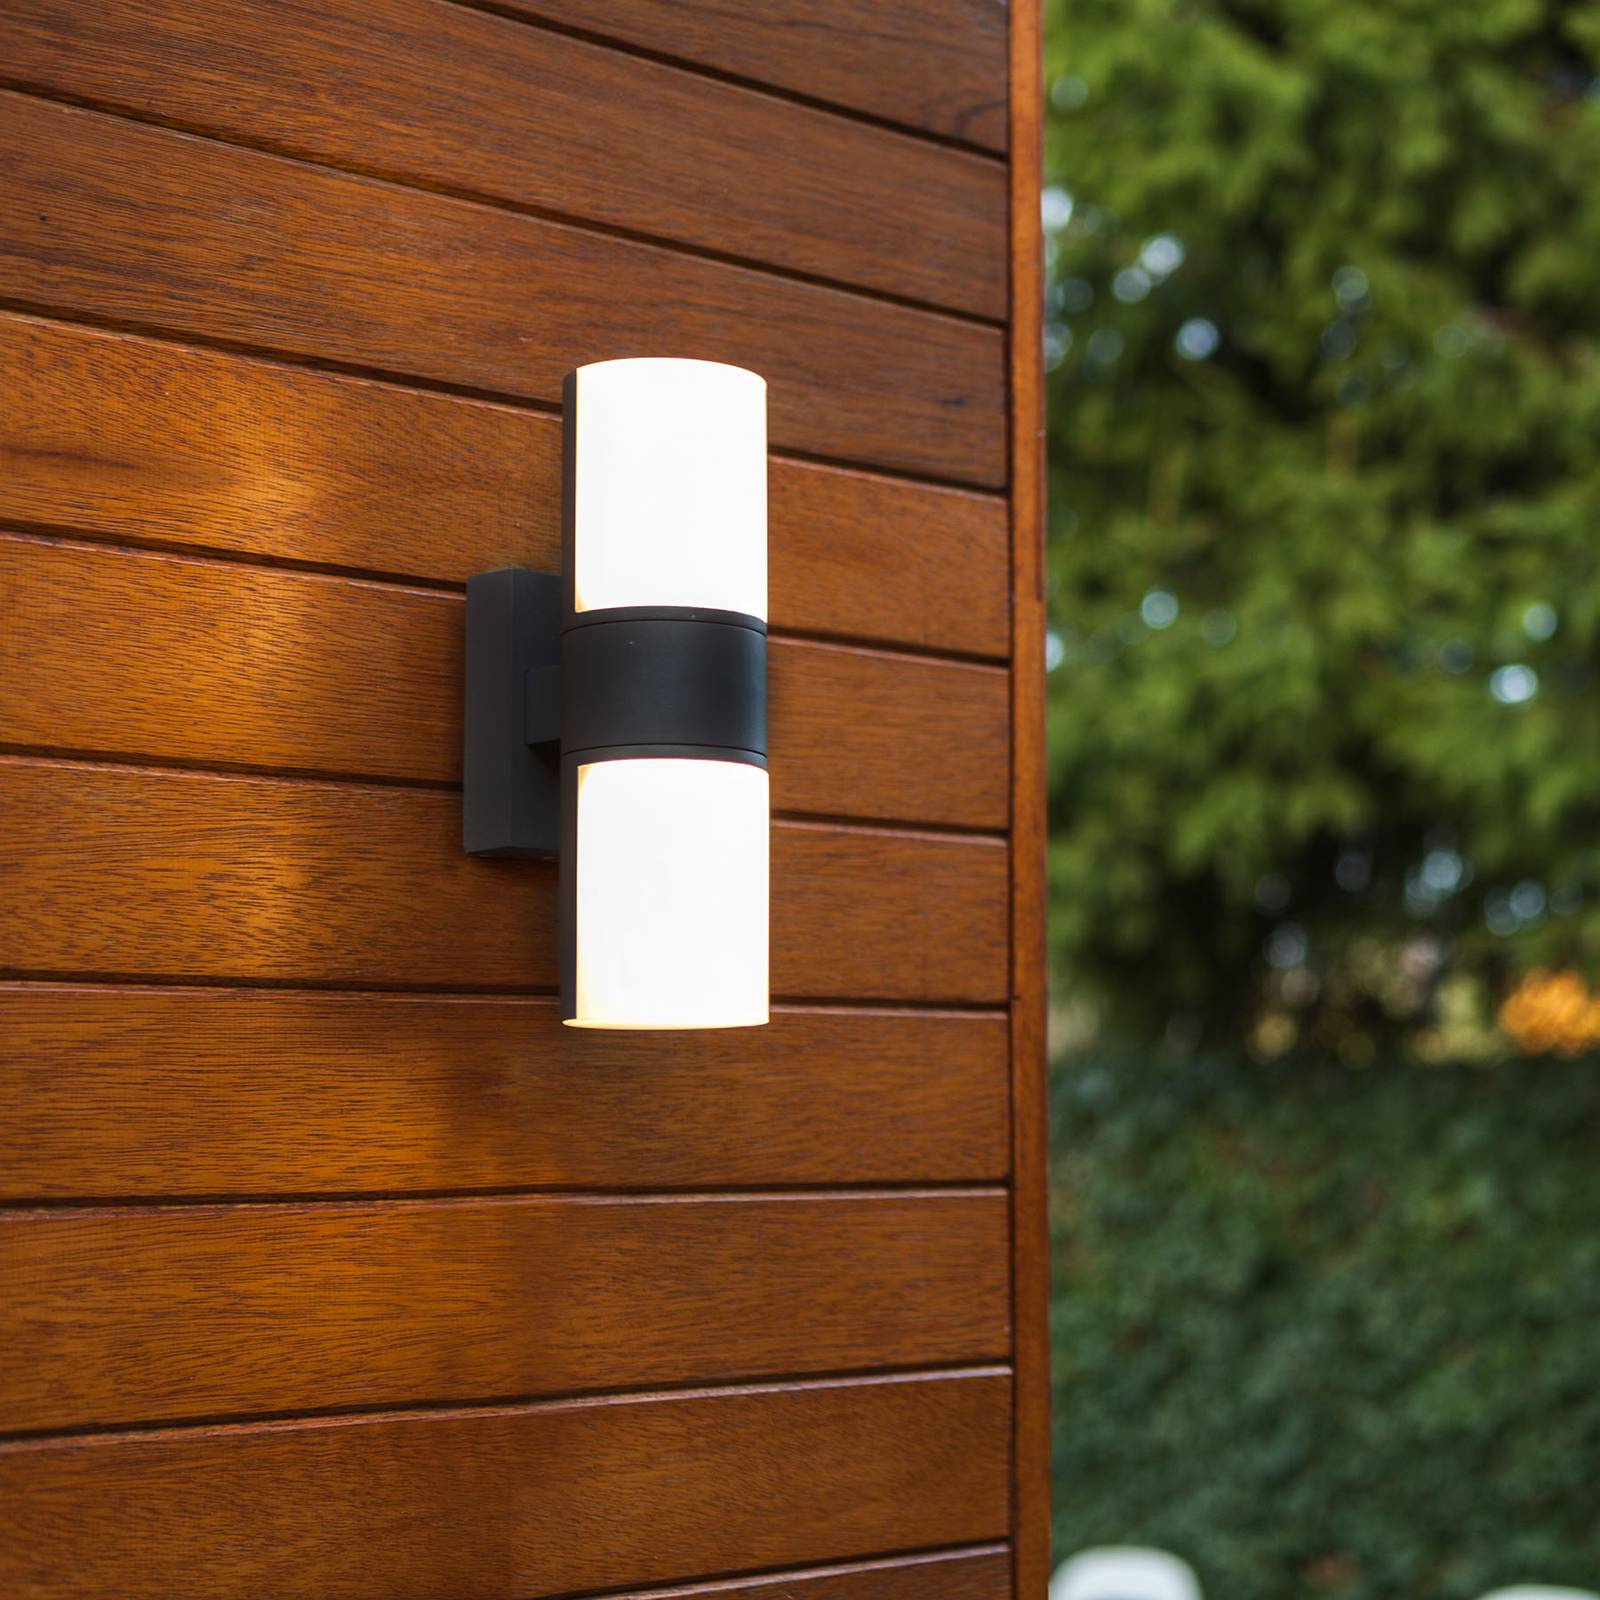 LED-ulkoseinälamppu Cyra, 2-lamppuinen, mattamusta